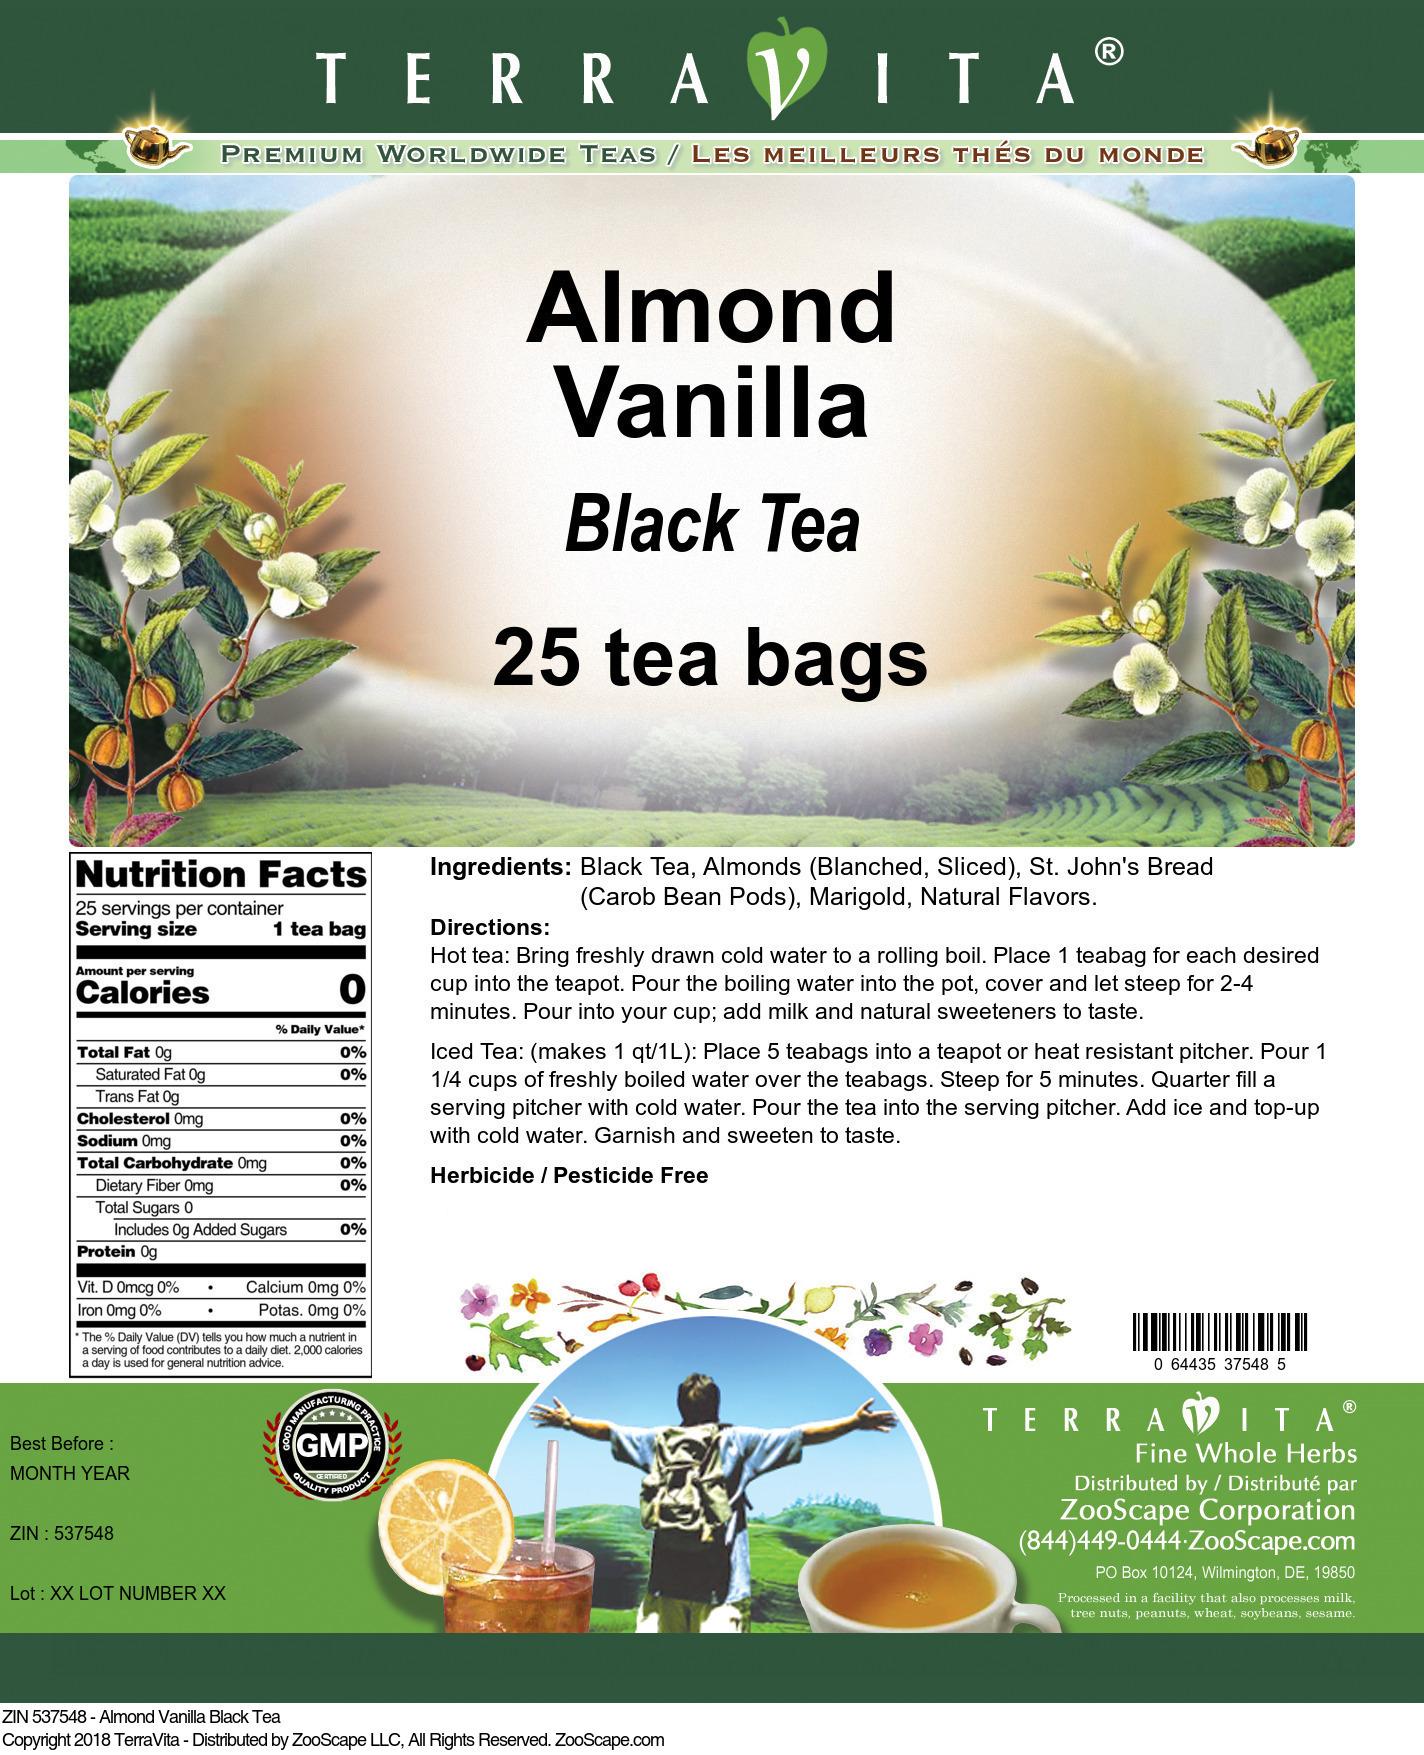 Almond Vanilla Black Tea